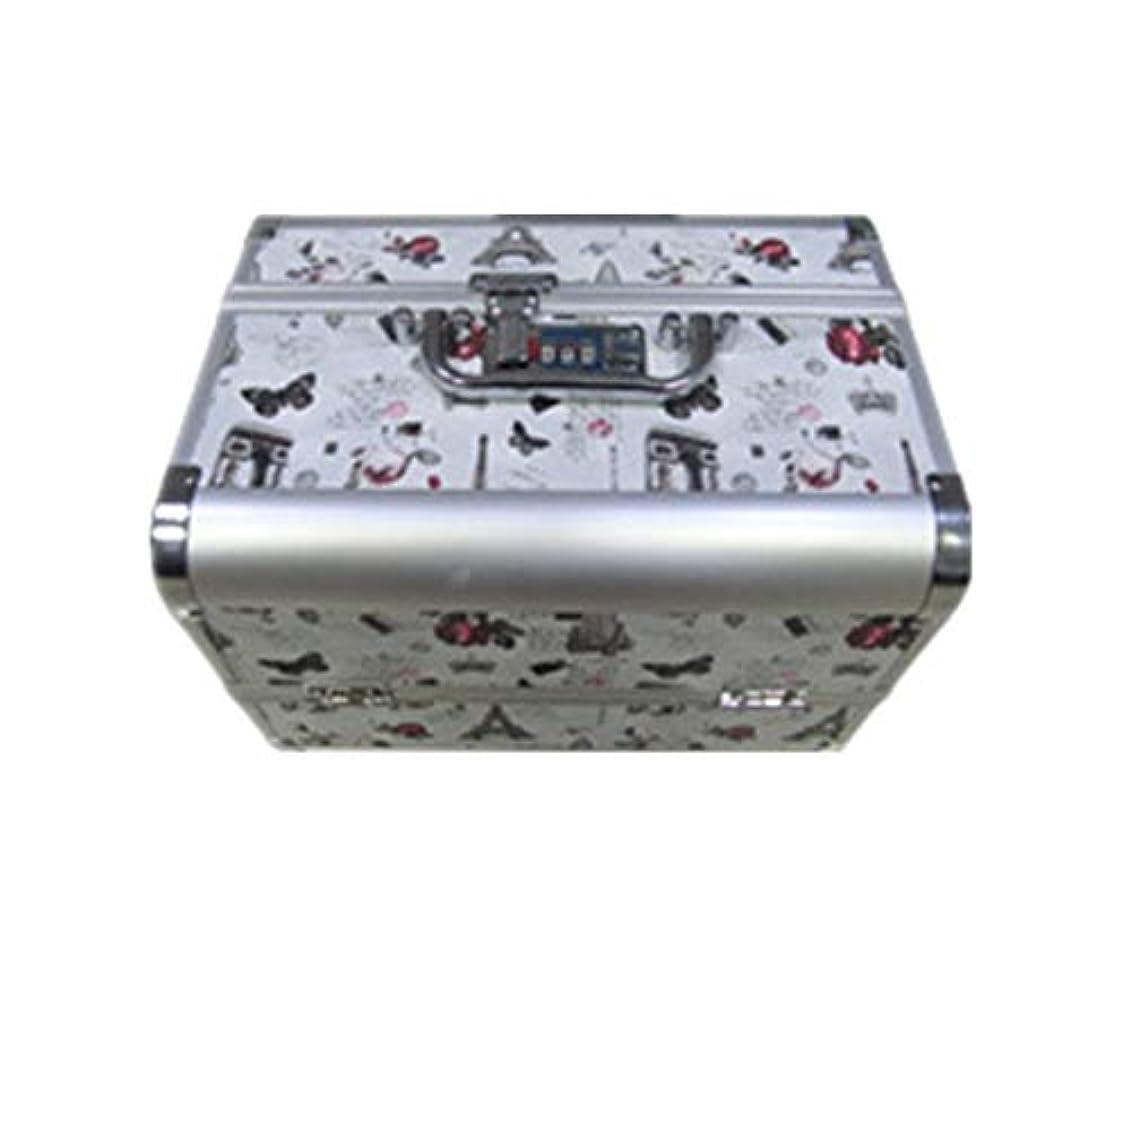 典型的な墓地保守可能化粧オーガナイザーバッグ 大容量ポータブル化粧ケース(トラベルアクセサリー用)シャンプーボディウォッシュパーソナルアイテム収納トレイ(エクステンショントレイ付) 化粧品ケース